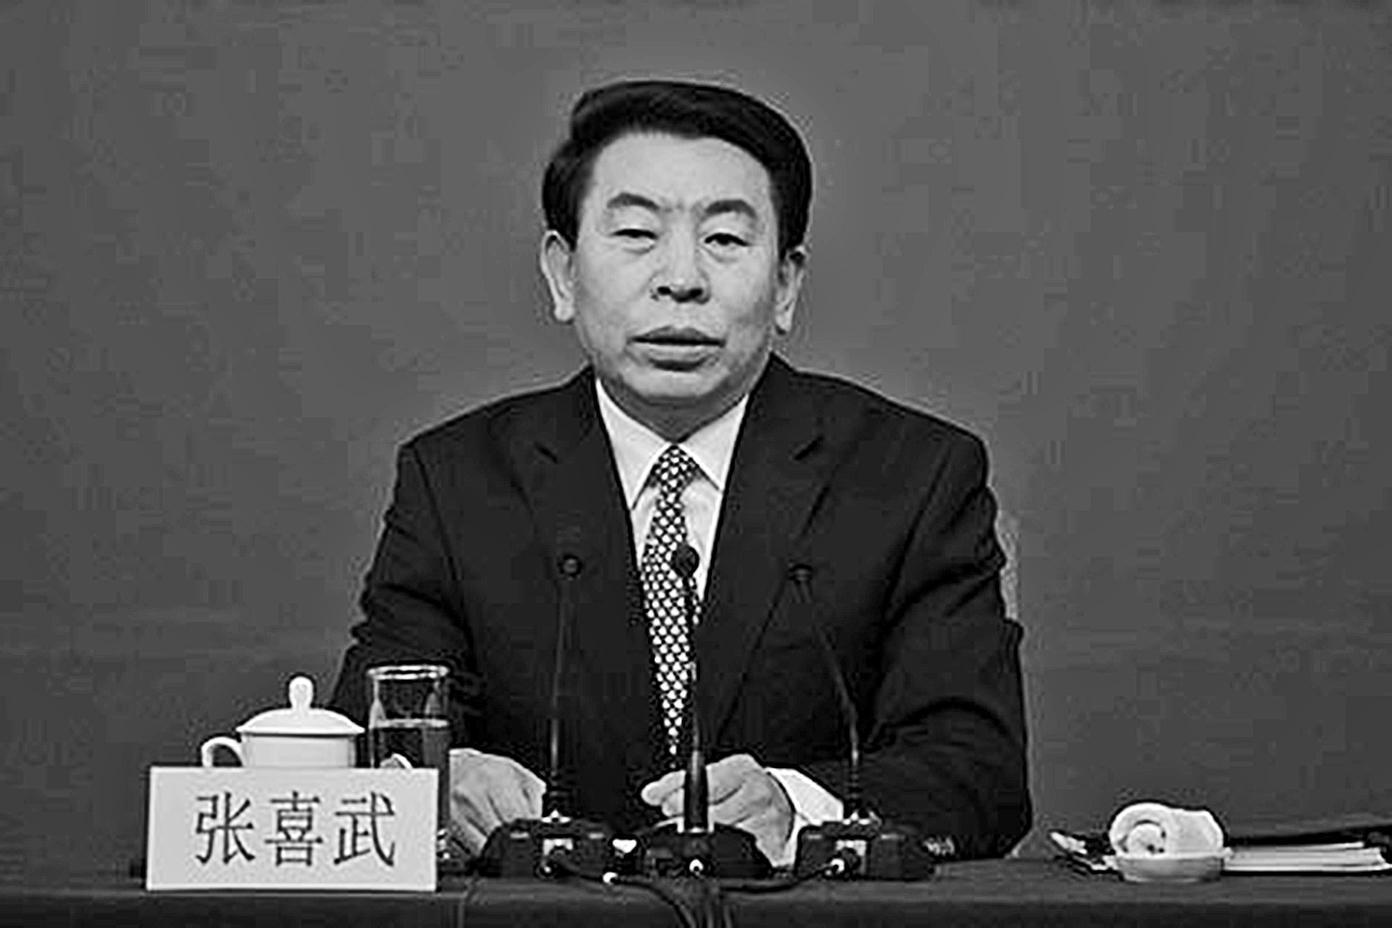 7月3日,中共國務院國有資產監督管理委員會前副書記、副主任張喜武因「嚴重違紀問題」被宣佈立案審查及被降職。(網絡圖片)